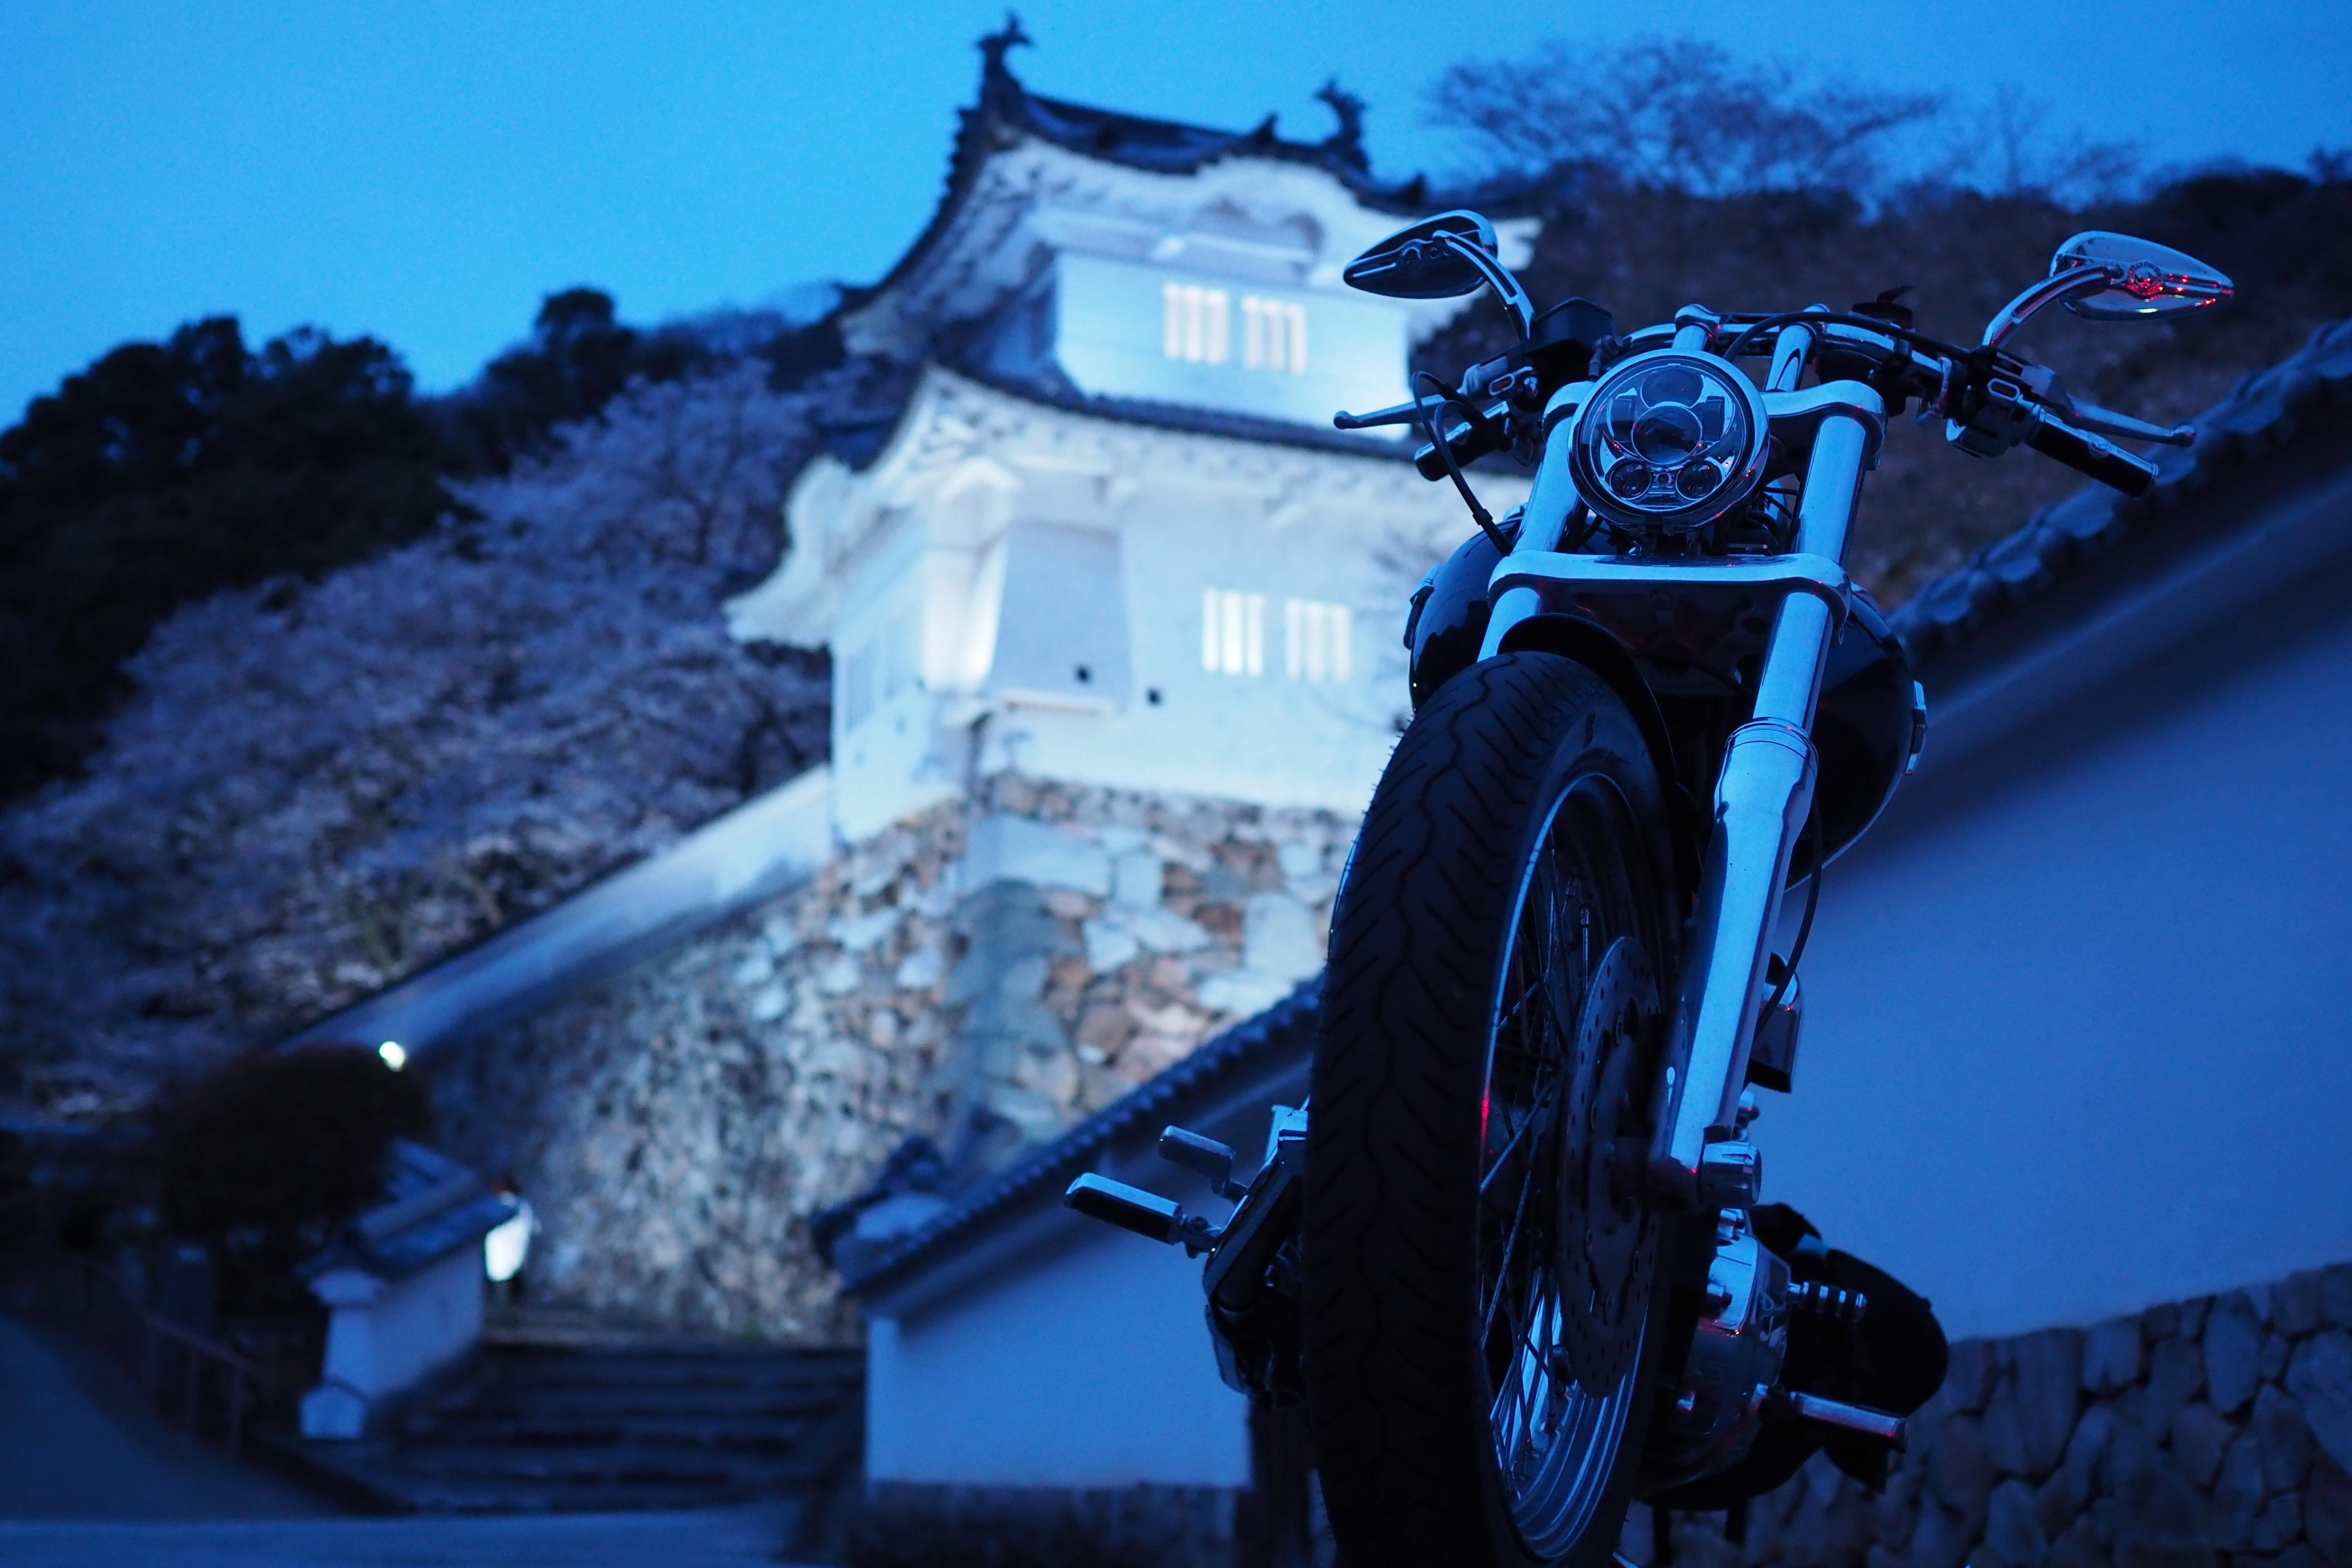 龍野城 ライトアップ 桜 バイク ハーレー 兵庫県 たつの市 ツーリング